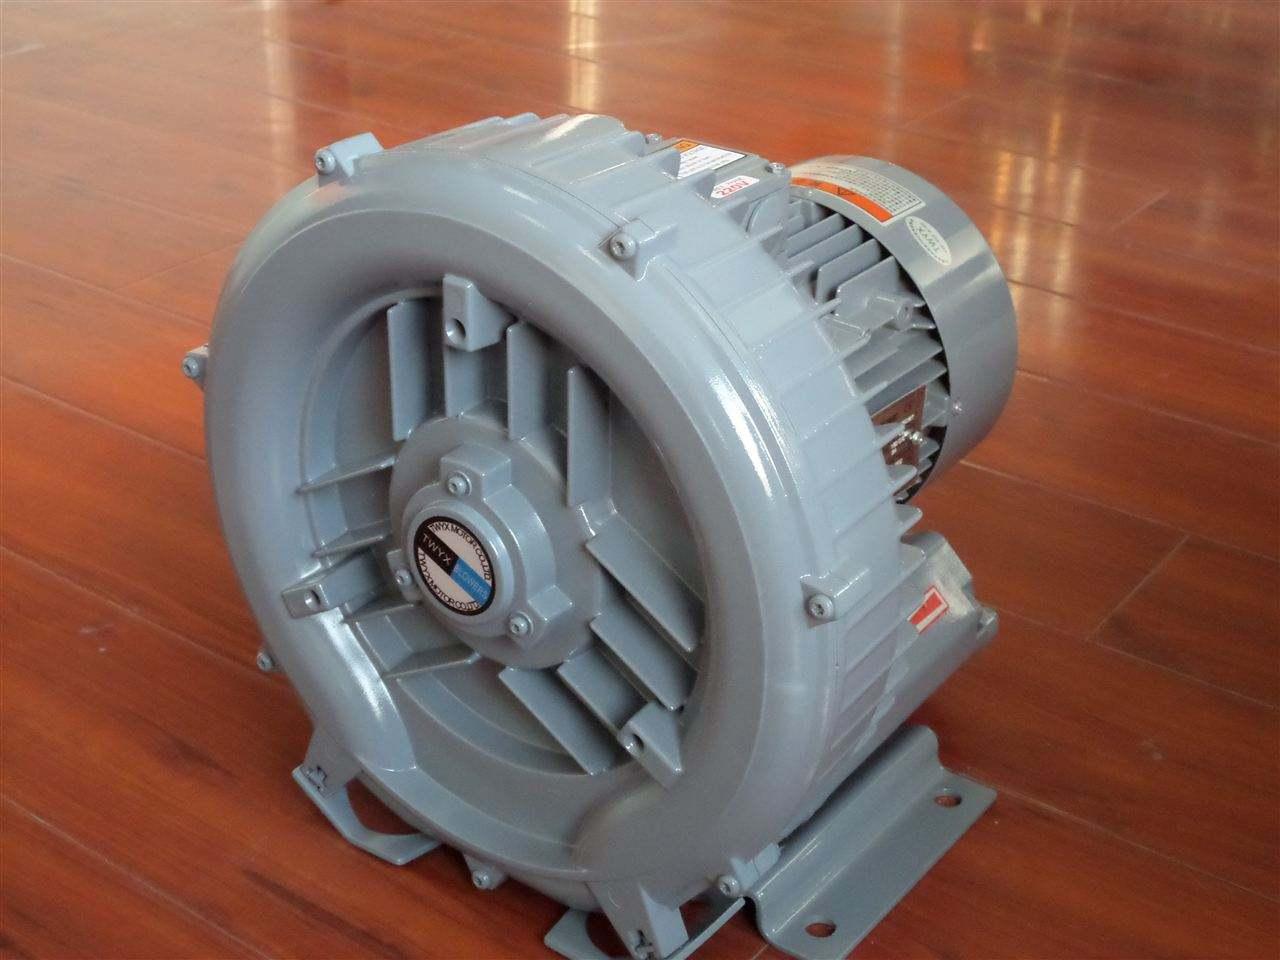 卷烟成型,烟叶烘干炕房吹风升温用RB-750AS环形高压鼓风机,优昂高压气泵效果好